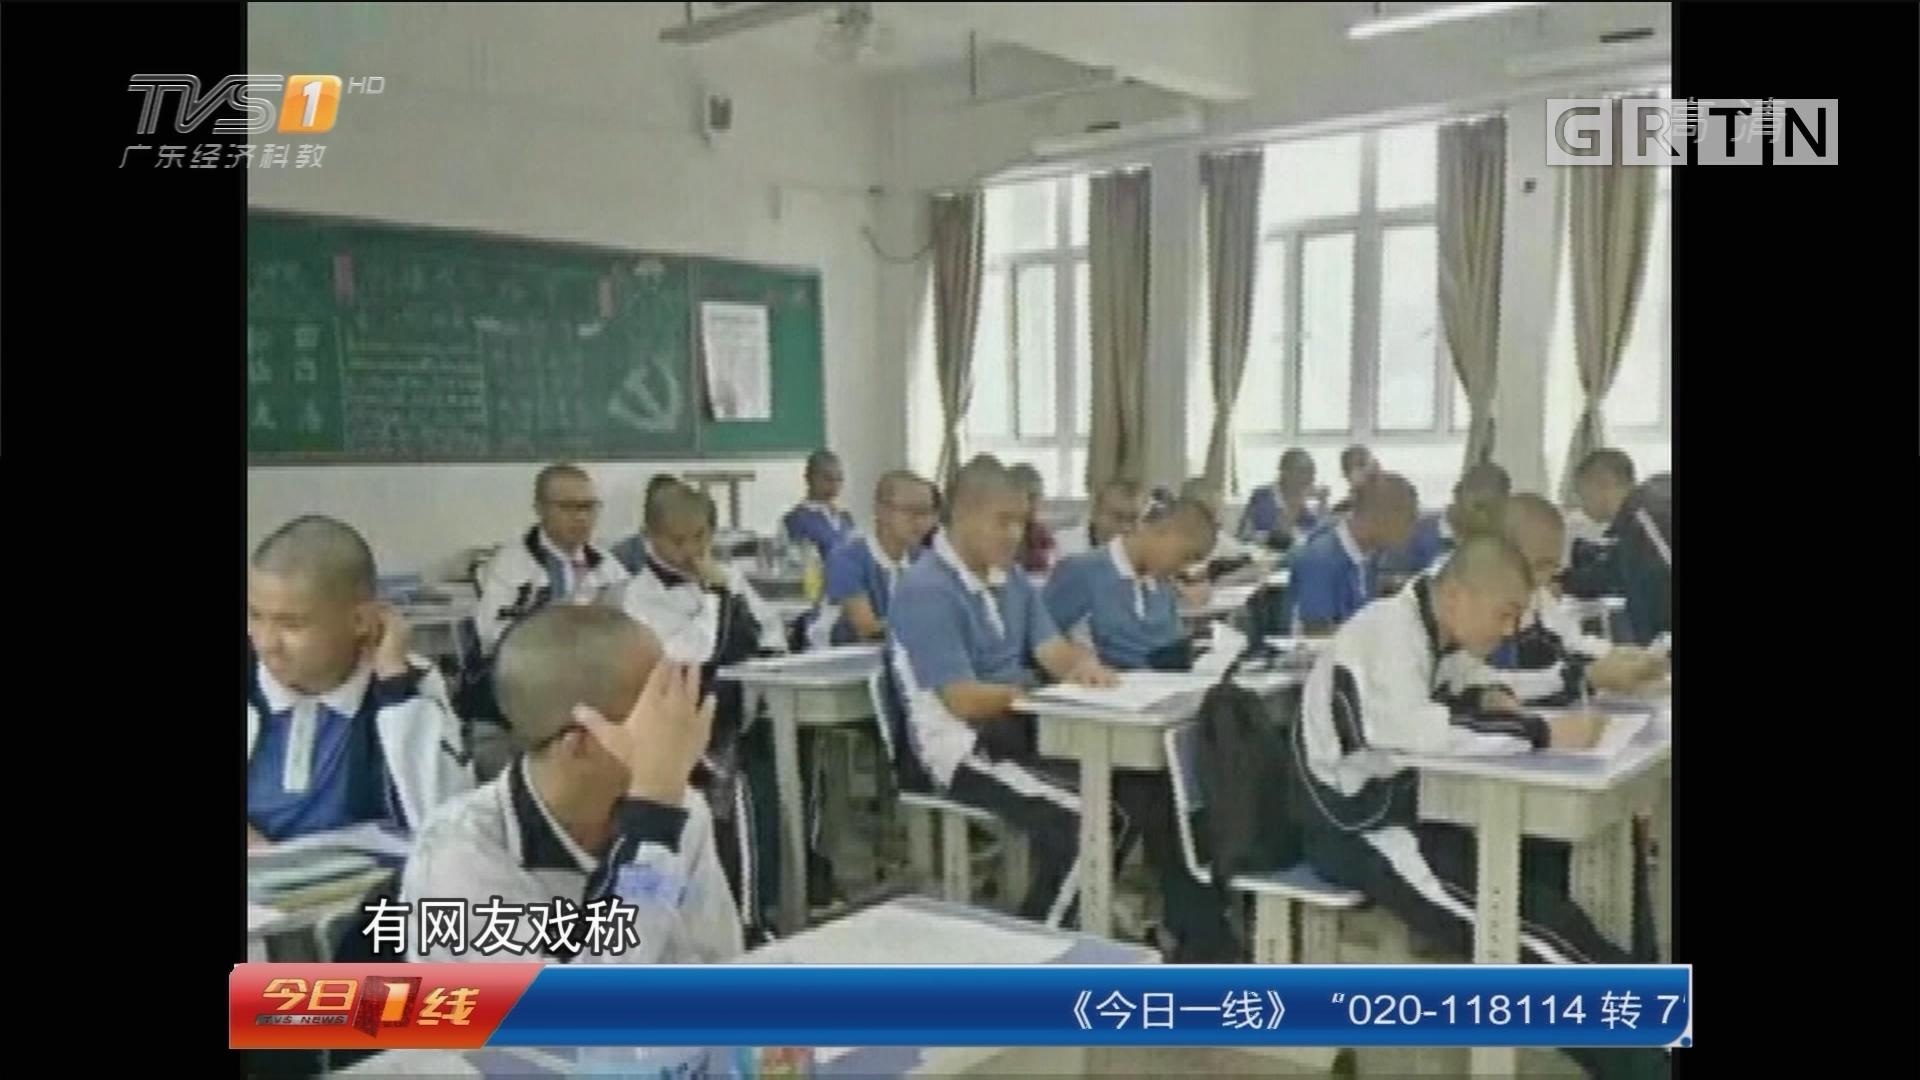 """深圳宝安区职业技术学校""""学生被剃""""光头"""" 引争议 校方致歉"""